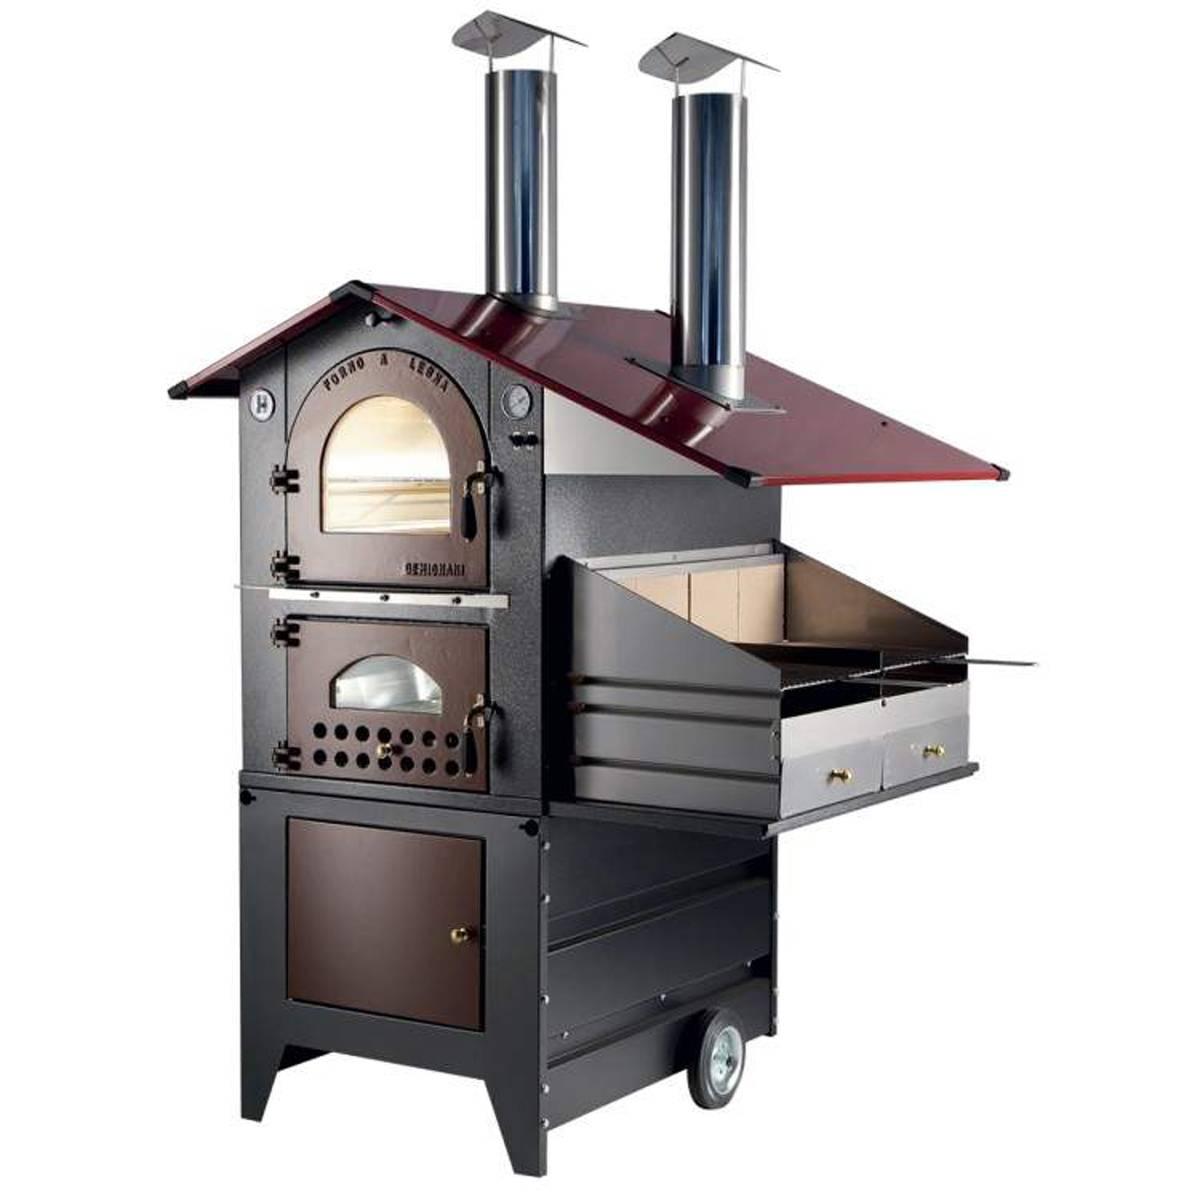 Forno a legna gemignani a fuoco indiretto da esterno mod - Barbecue da esterno ...